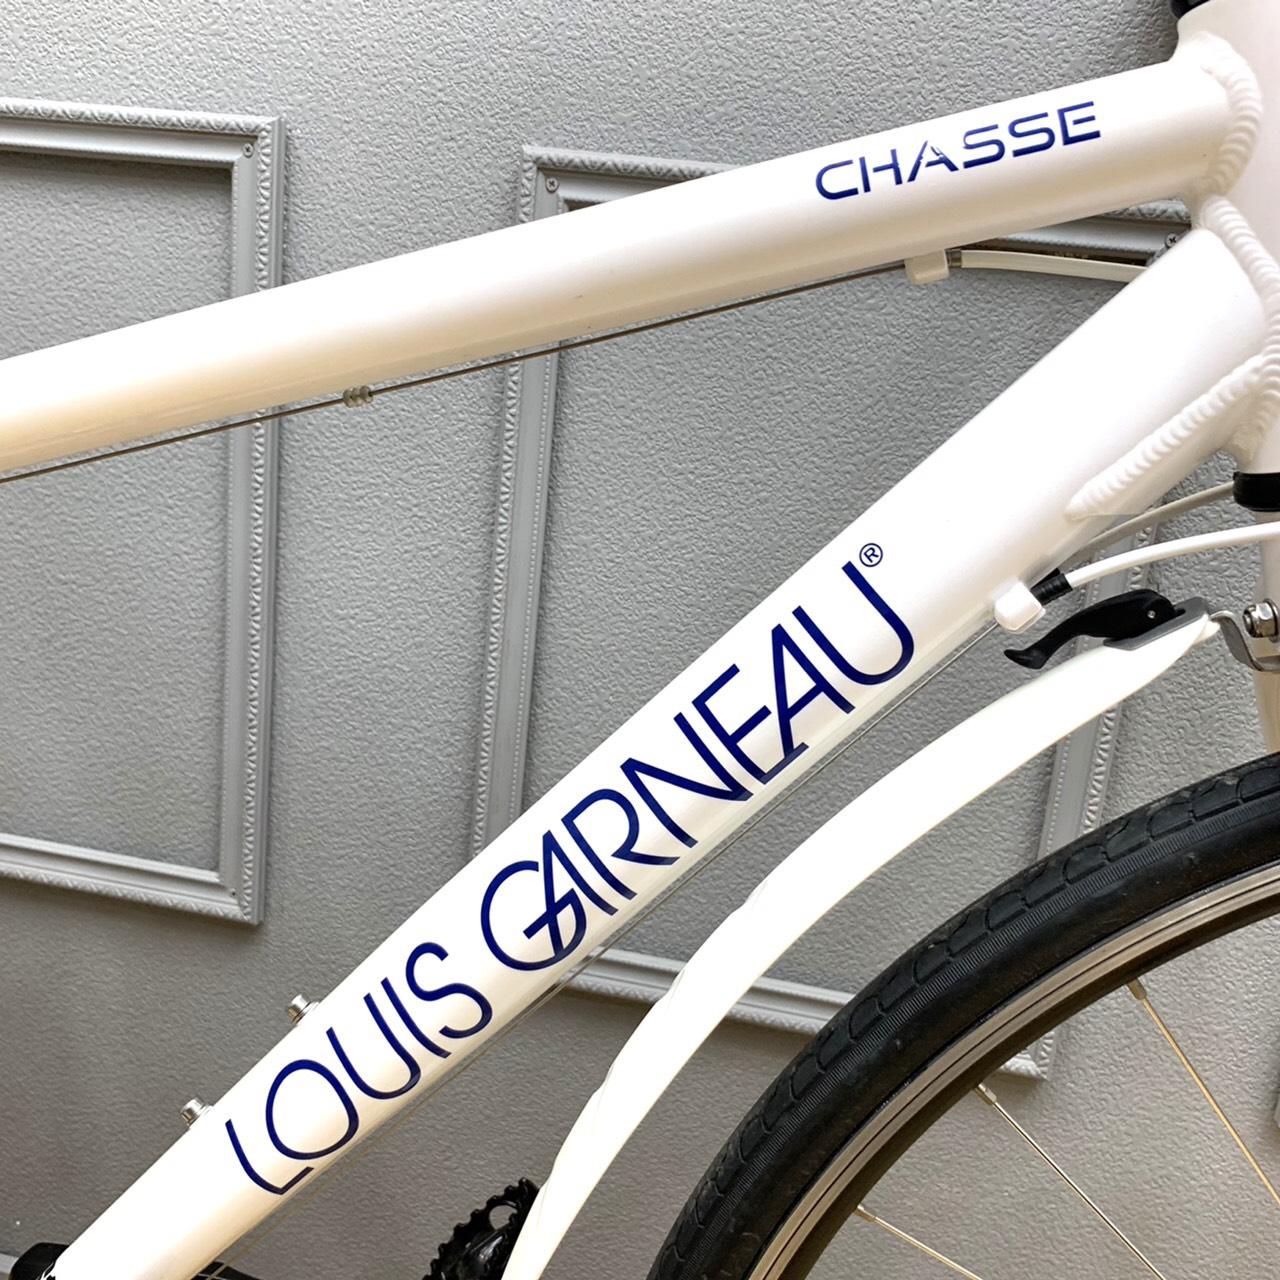 LOUIS GARNEAU ルイガノ クロスバイク CHASSEシャッセ  2014年モデル3